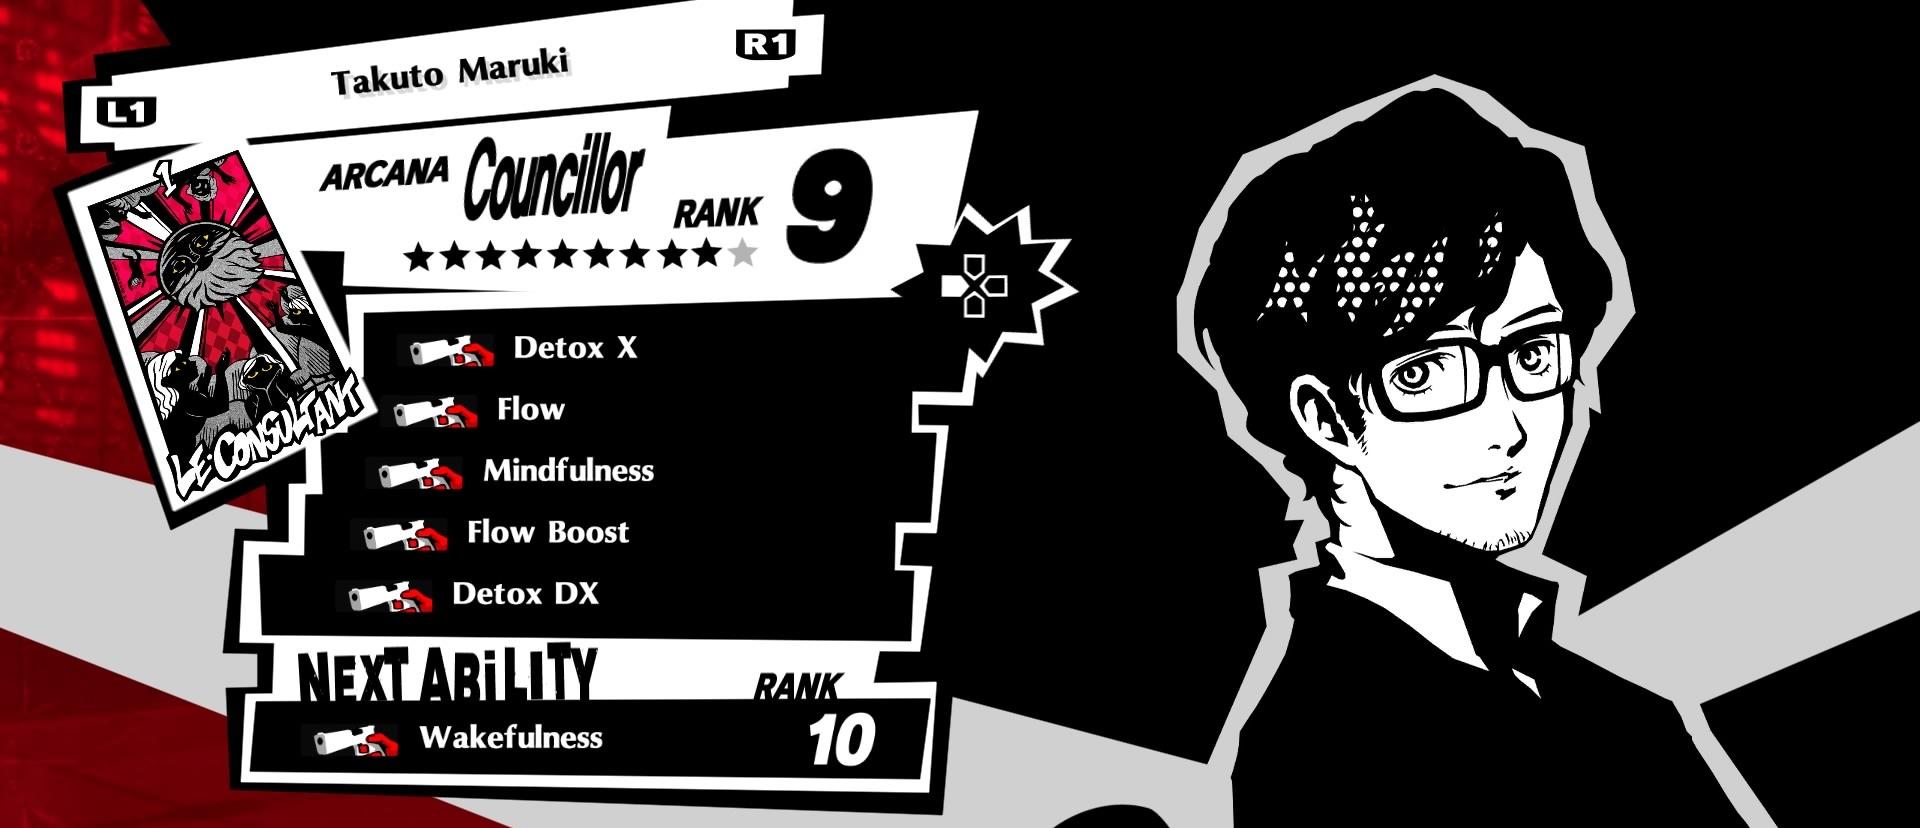 A Tier Confidant, Maruki, Persona 5 Royal